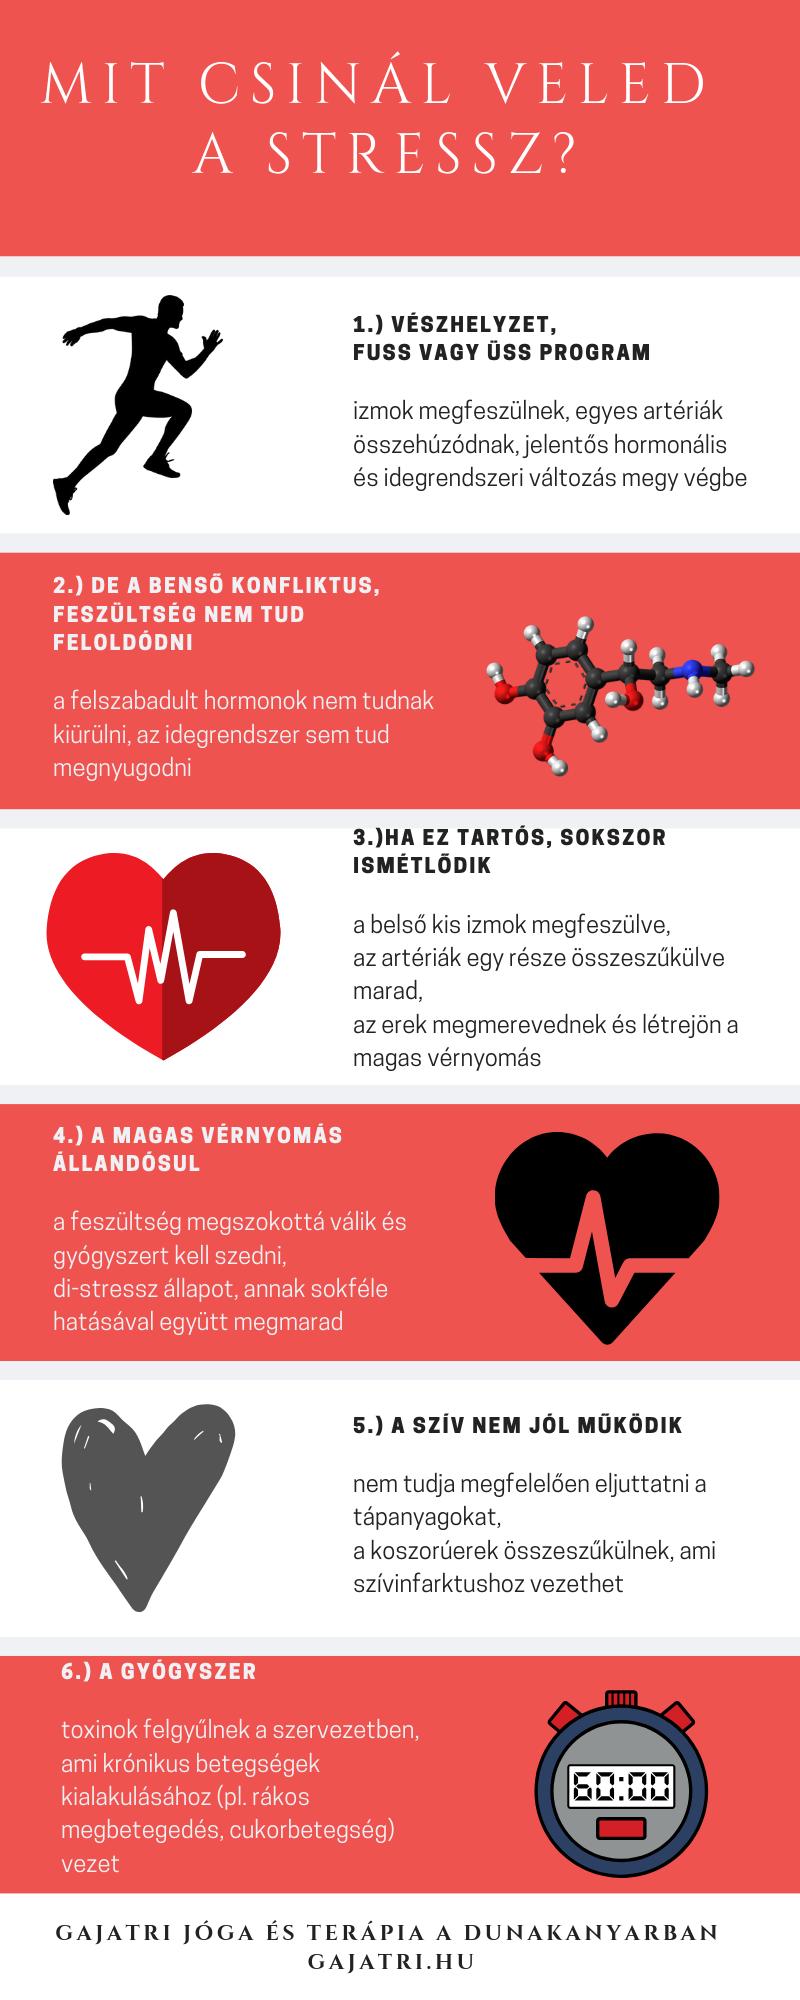 magas vérnyomással diagnosztizálták)